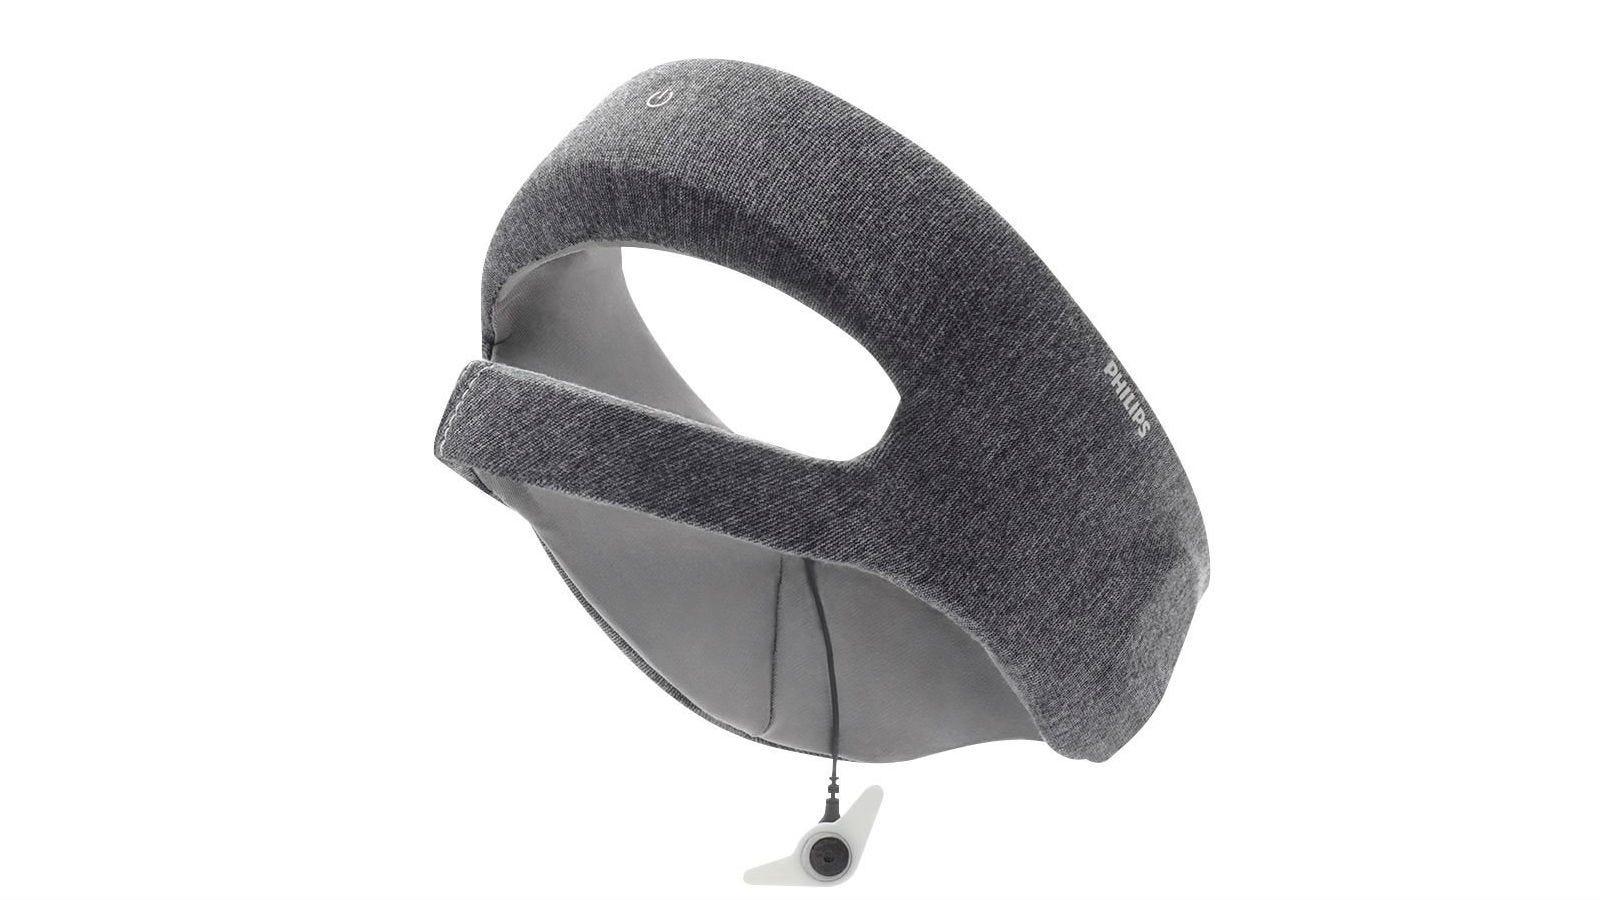 philips deep sleep headband